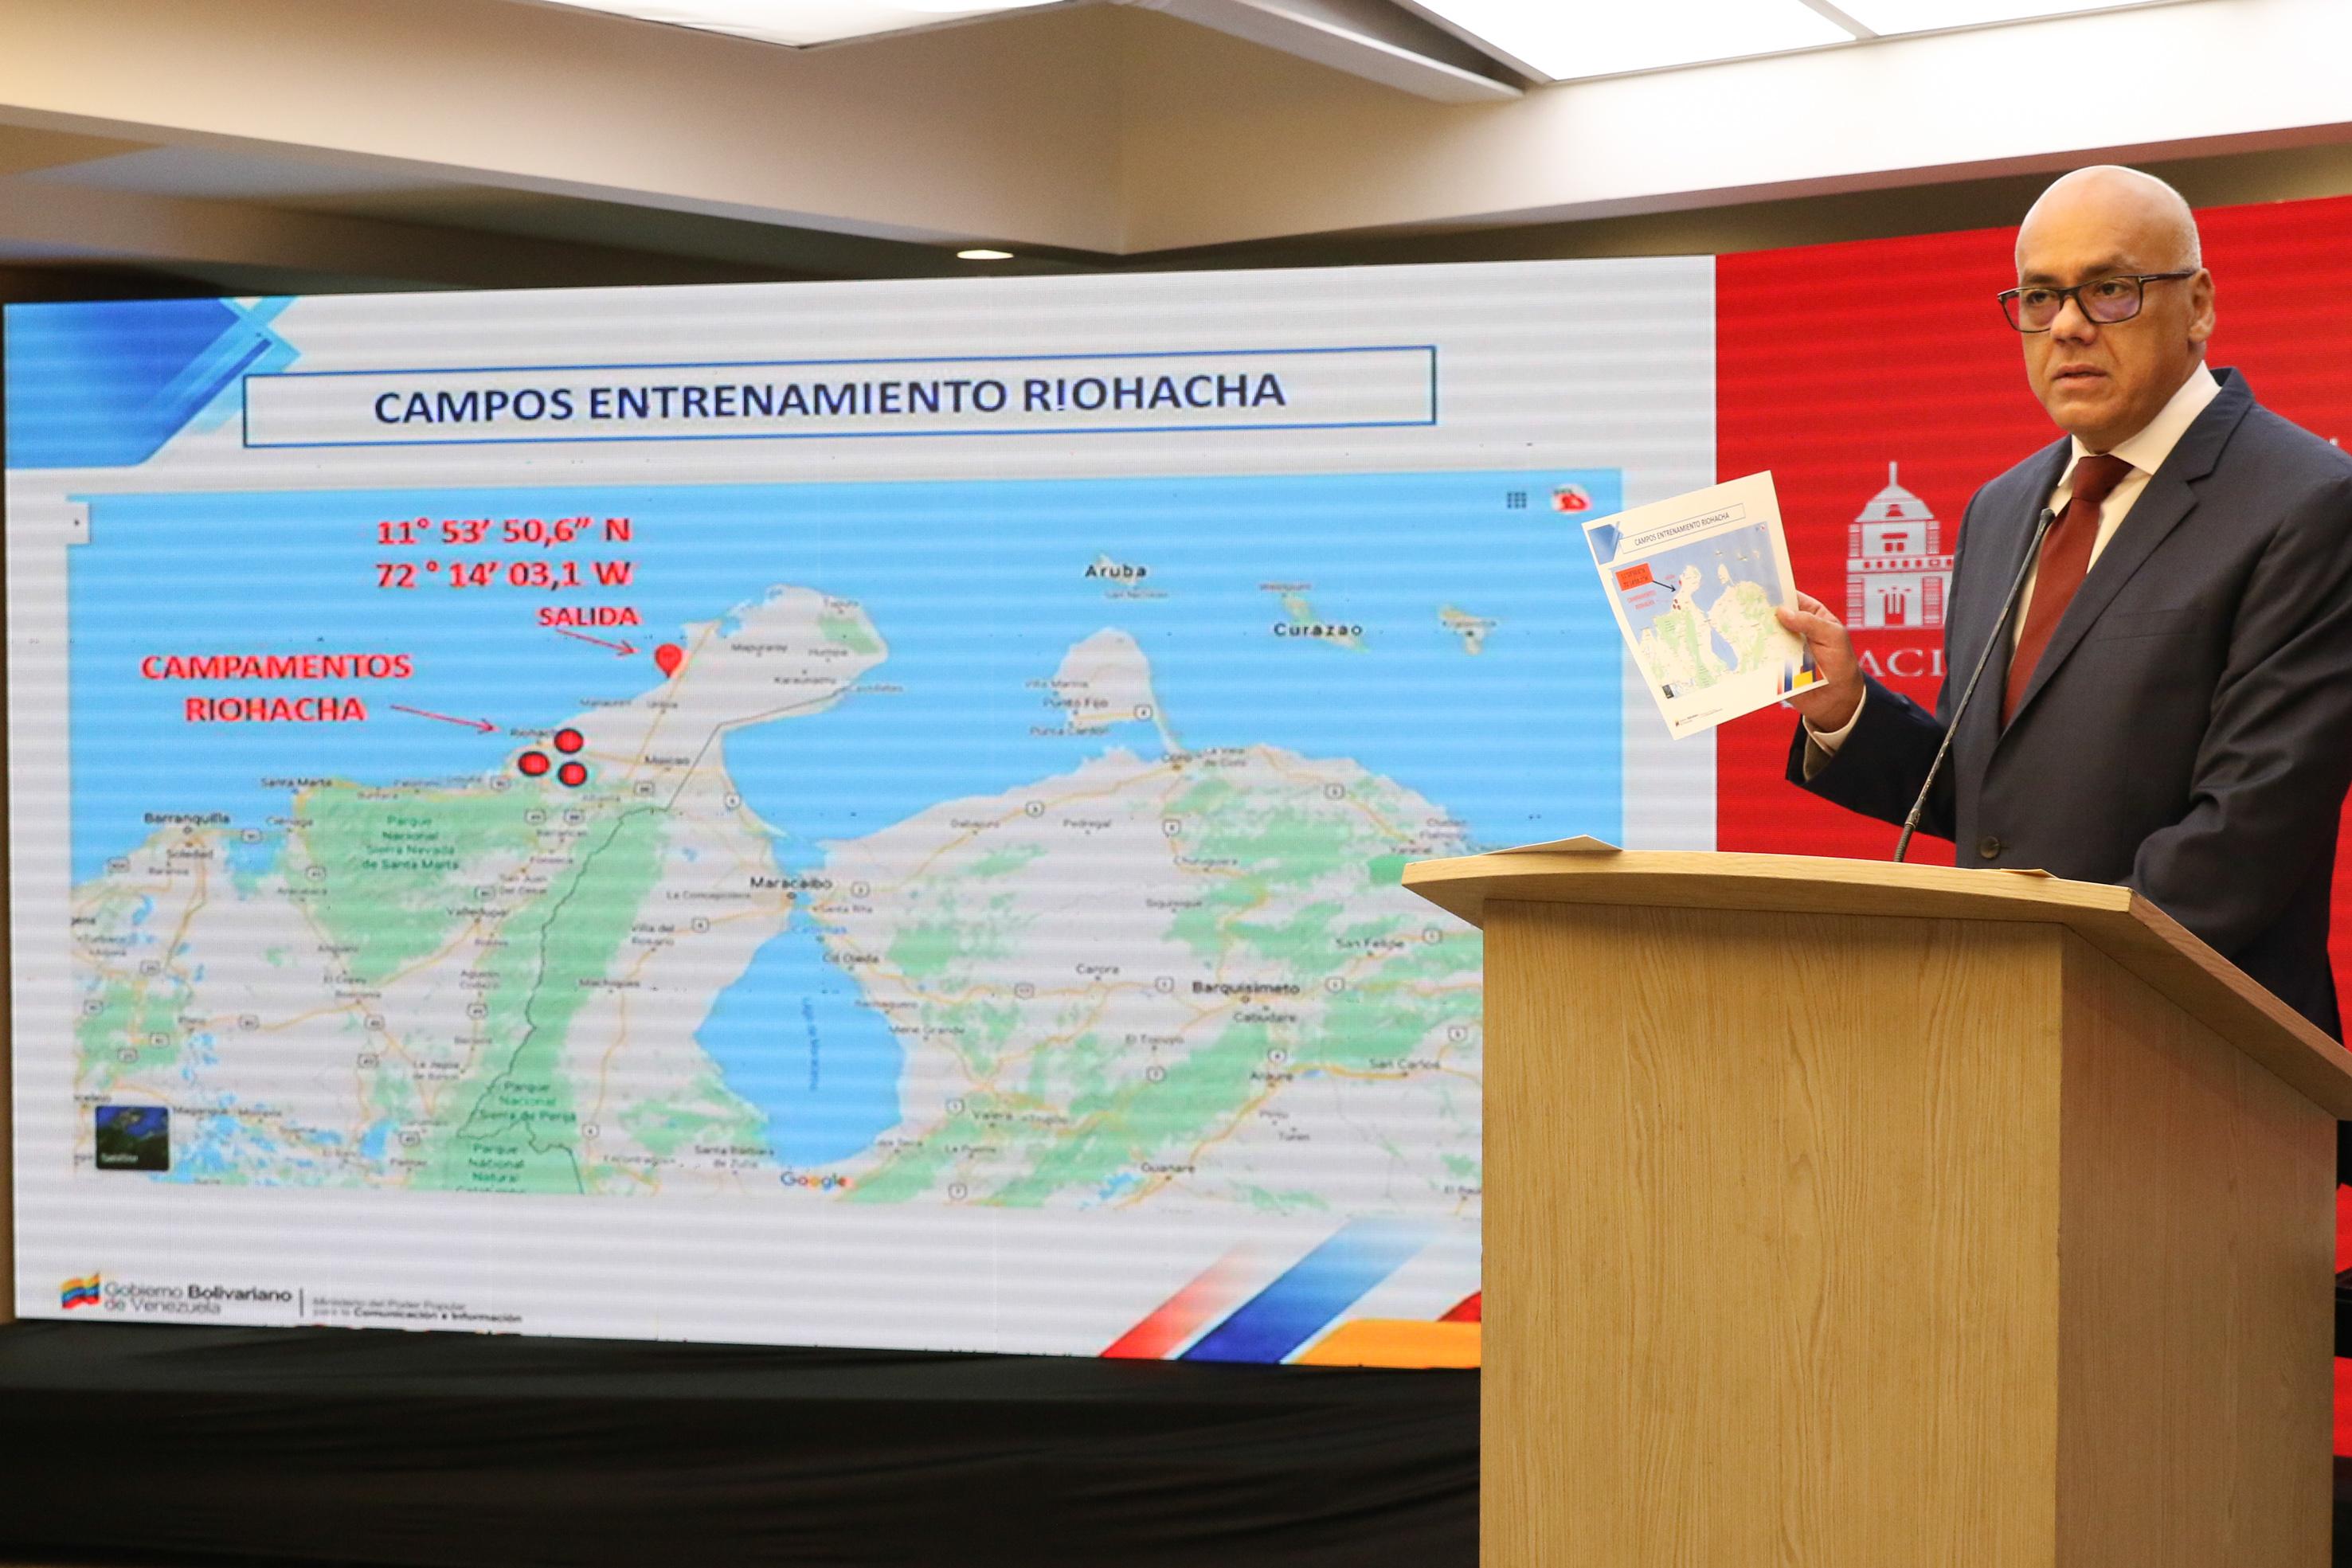 Venezuela atribuye a EEUU y Colombia incursión armada para llenar de violencia al país